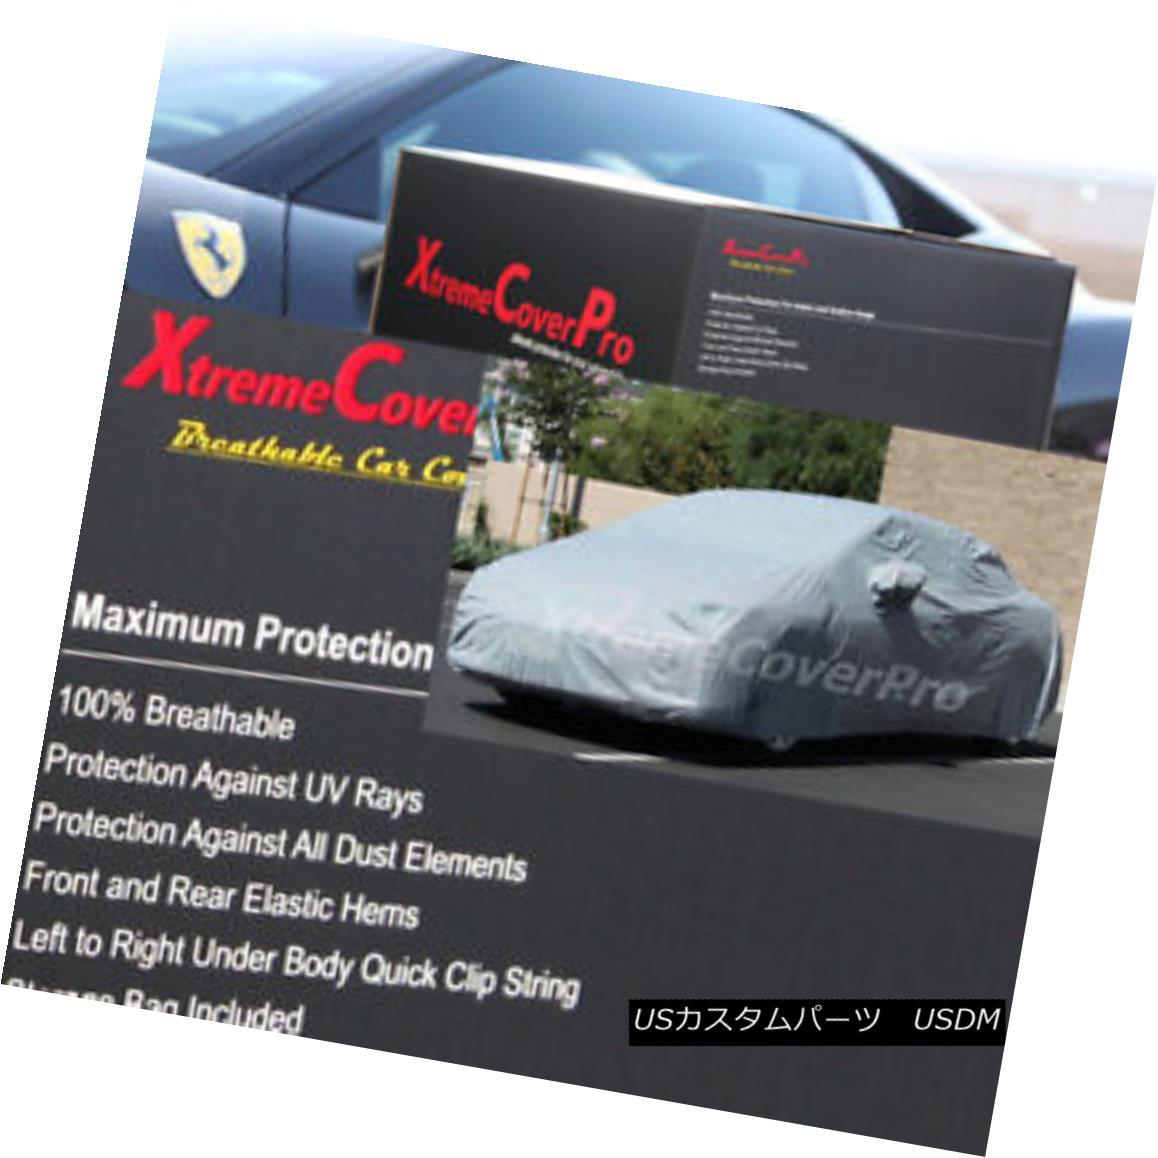 カーカバー 2013 Cadillac CTS-V Coupe Breathable Car Cover w/MirrorPocket 2013年キャデラックCTS-Vクーペ通気性車カバー付き(MirrorPocket)